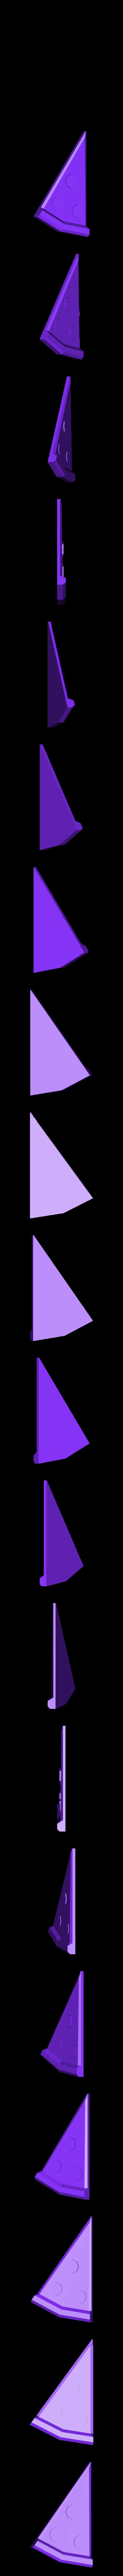 PizzaSlice_01.obj Download free OBJ file Pizza slice • 3D printer design, Colorful3D